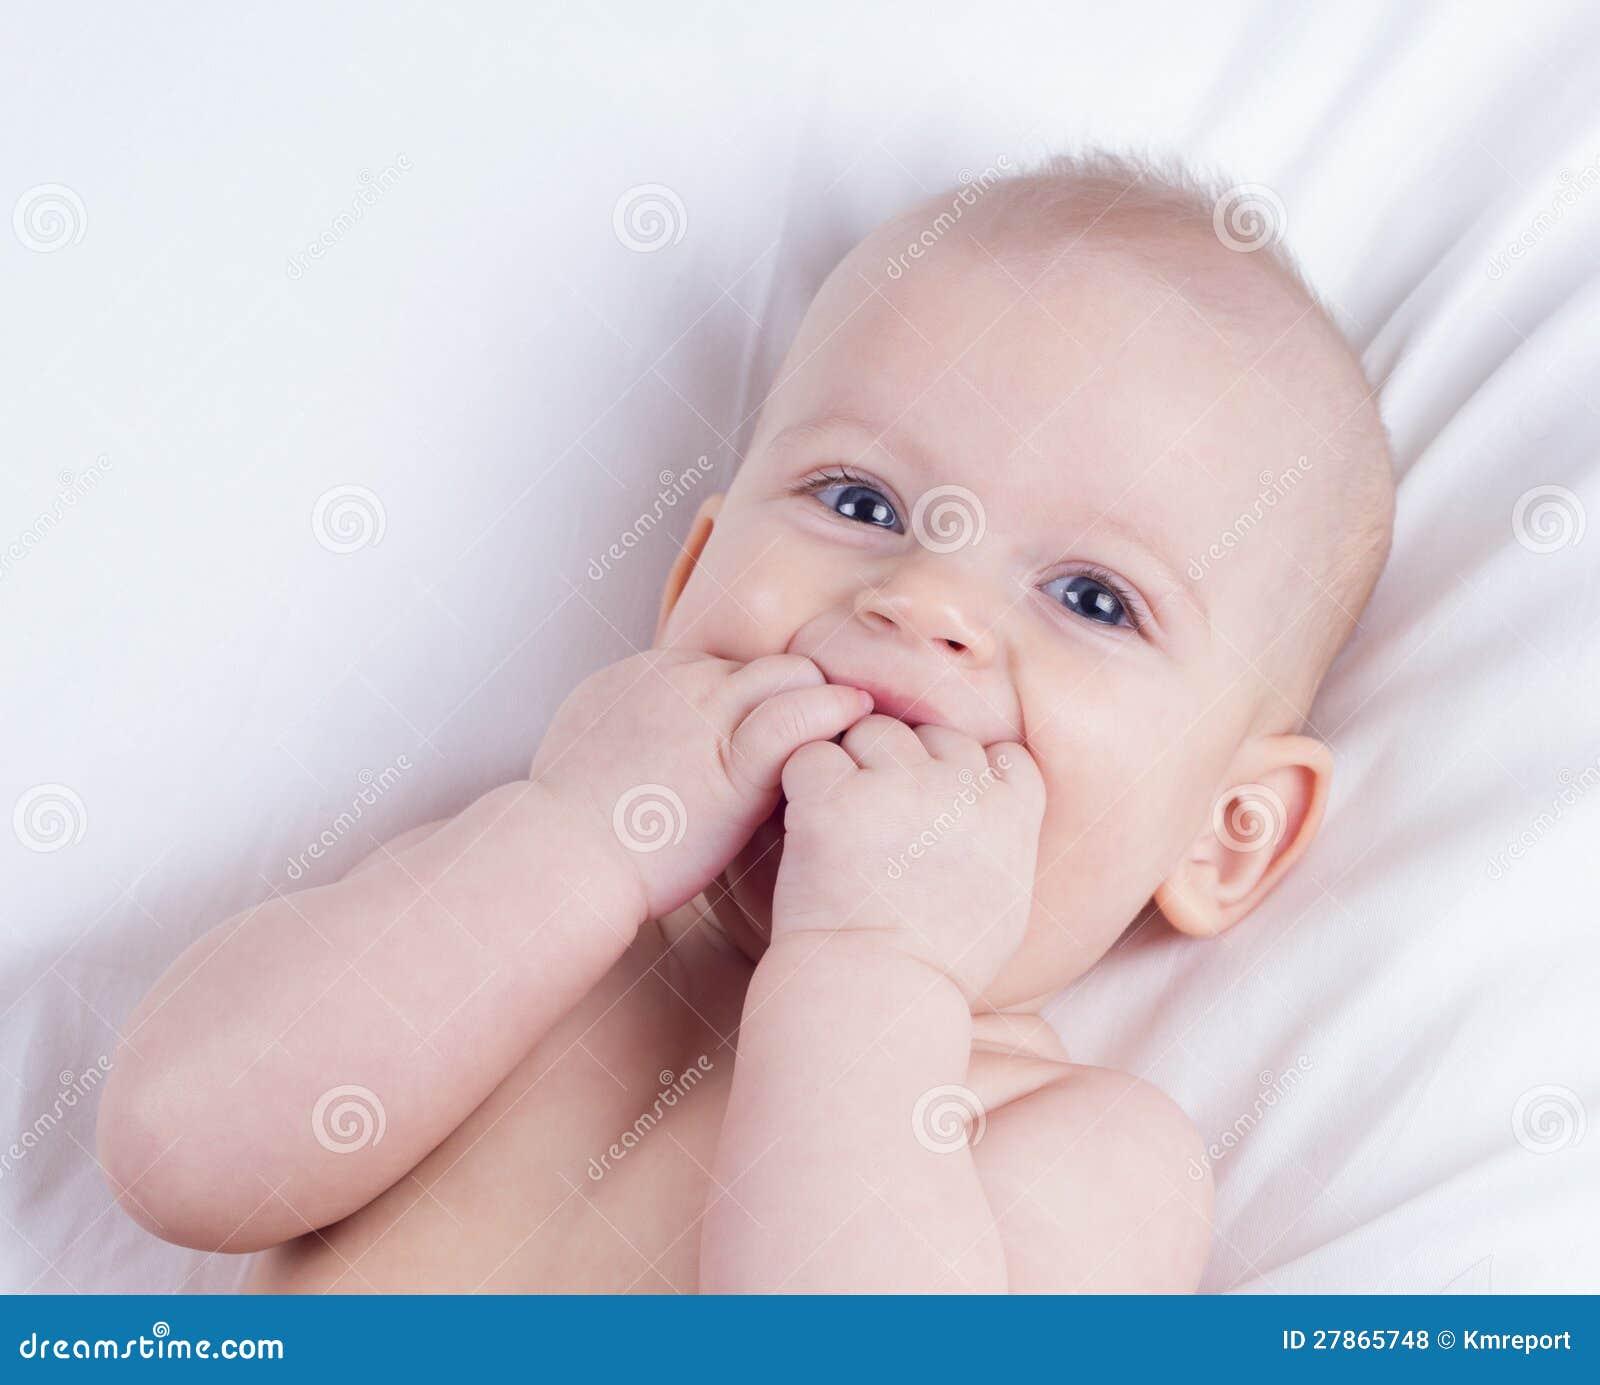 Roześmiany dziecko